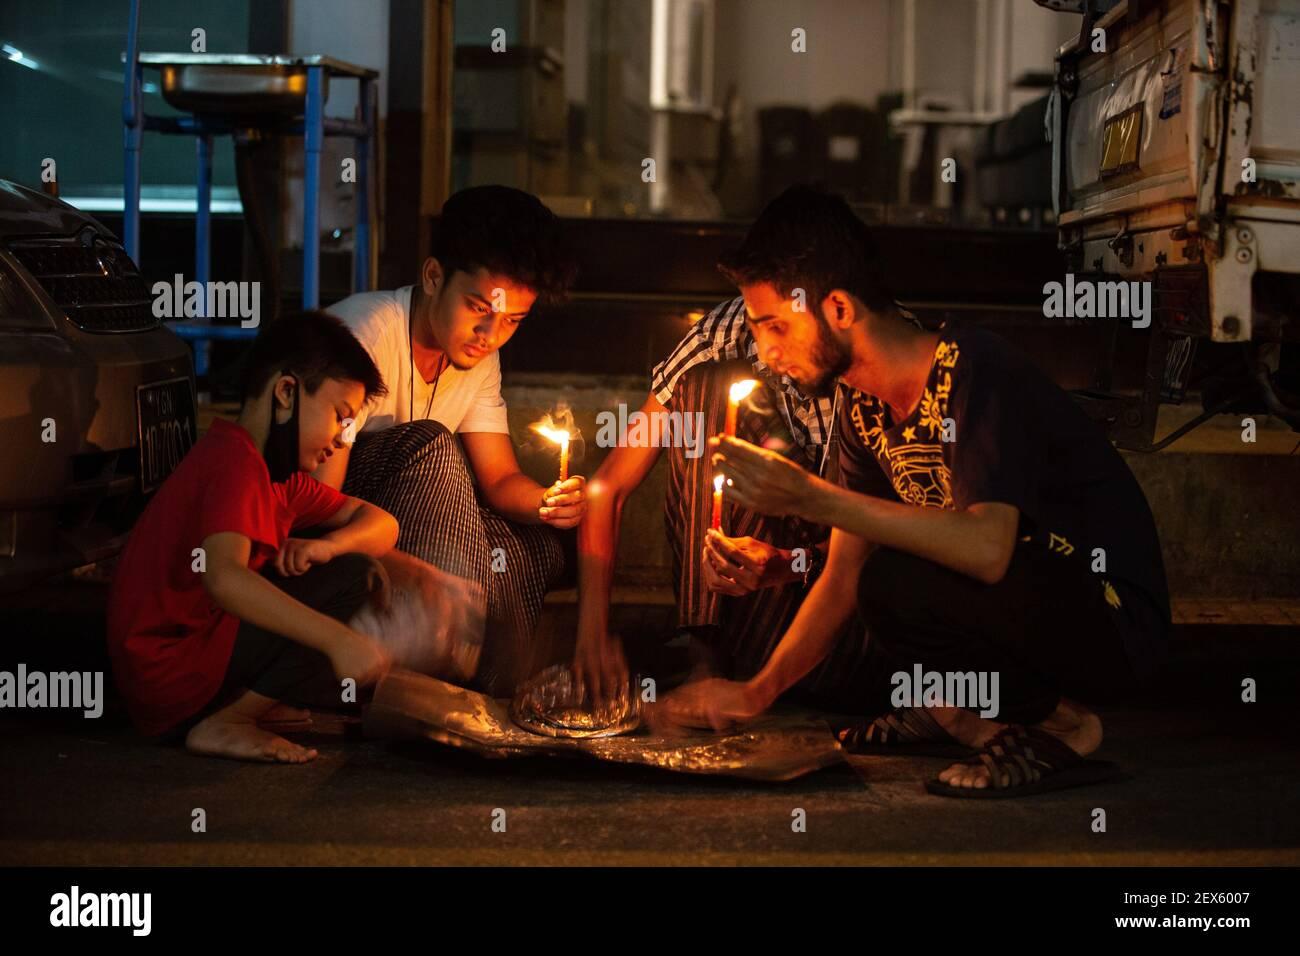 Yangon, Myanmar. 03ème mars 2021. Les gens tiennent des bougies et frappent des pots et des casseroles pour montrer leur mécontentement pour la mort de beaucoup pendant les manifestations de coup d'état militaire.l'armée et la police du Myanmar utilisent des gaz lacrymogènes, des bombes sonores, Des balles en caoutchouc et des fusils de sniper aux manifestants pacifiques et le nombre de morts dans tout le pays pour le 3 mars est de 38 personnes selon le rapport de l'ONU. Crédit : SOPA Images Limited/Alamy Live News Banque D'Images